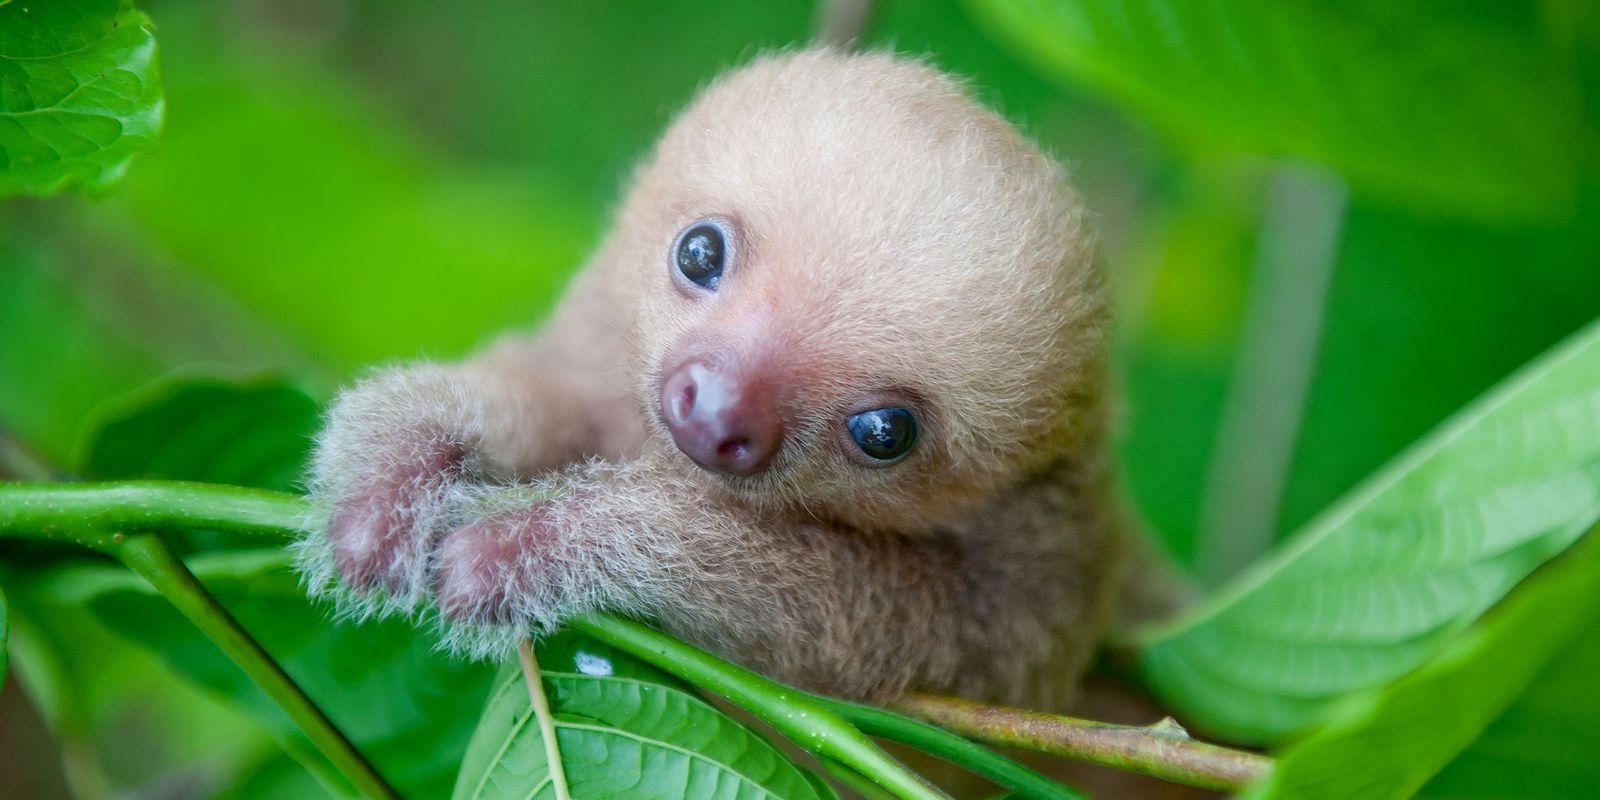 Ces photos de bébés paresseux rappellent le besoin de les protéger